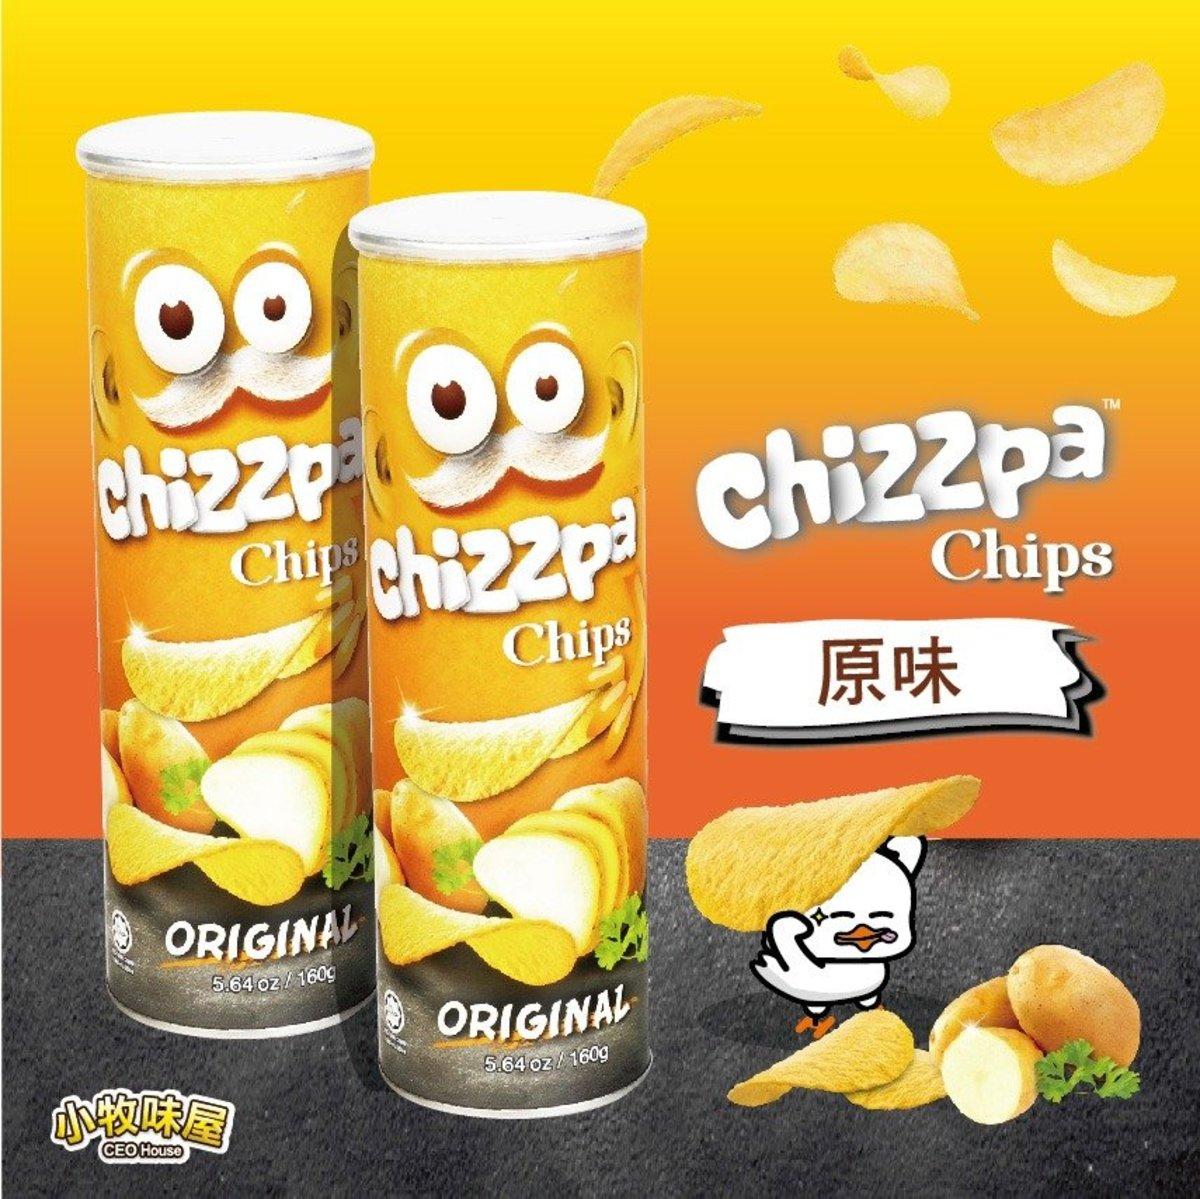 Chizzpa桶裝薯片(原味) x2件